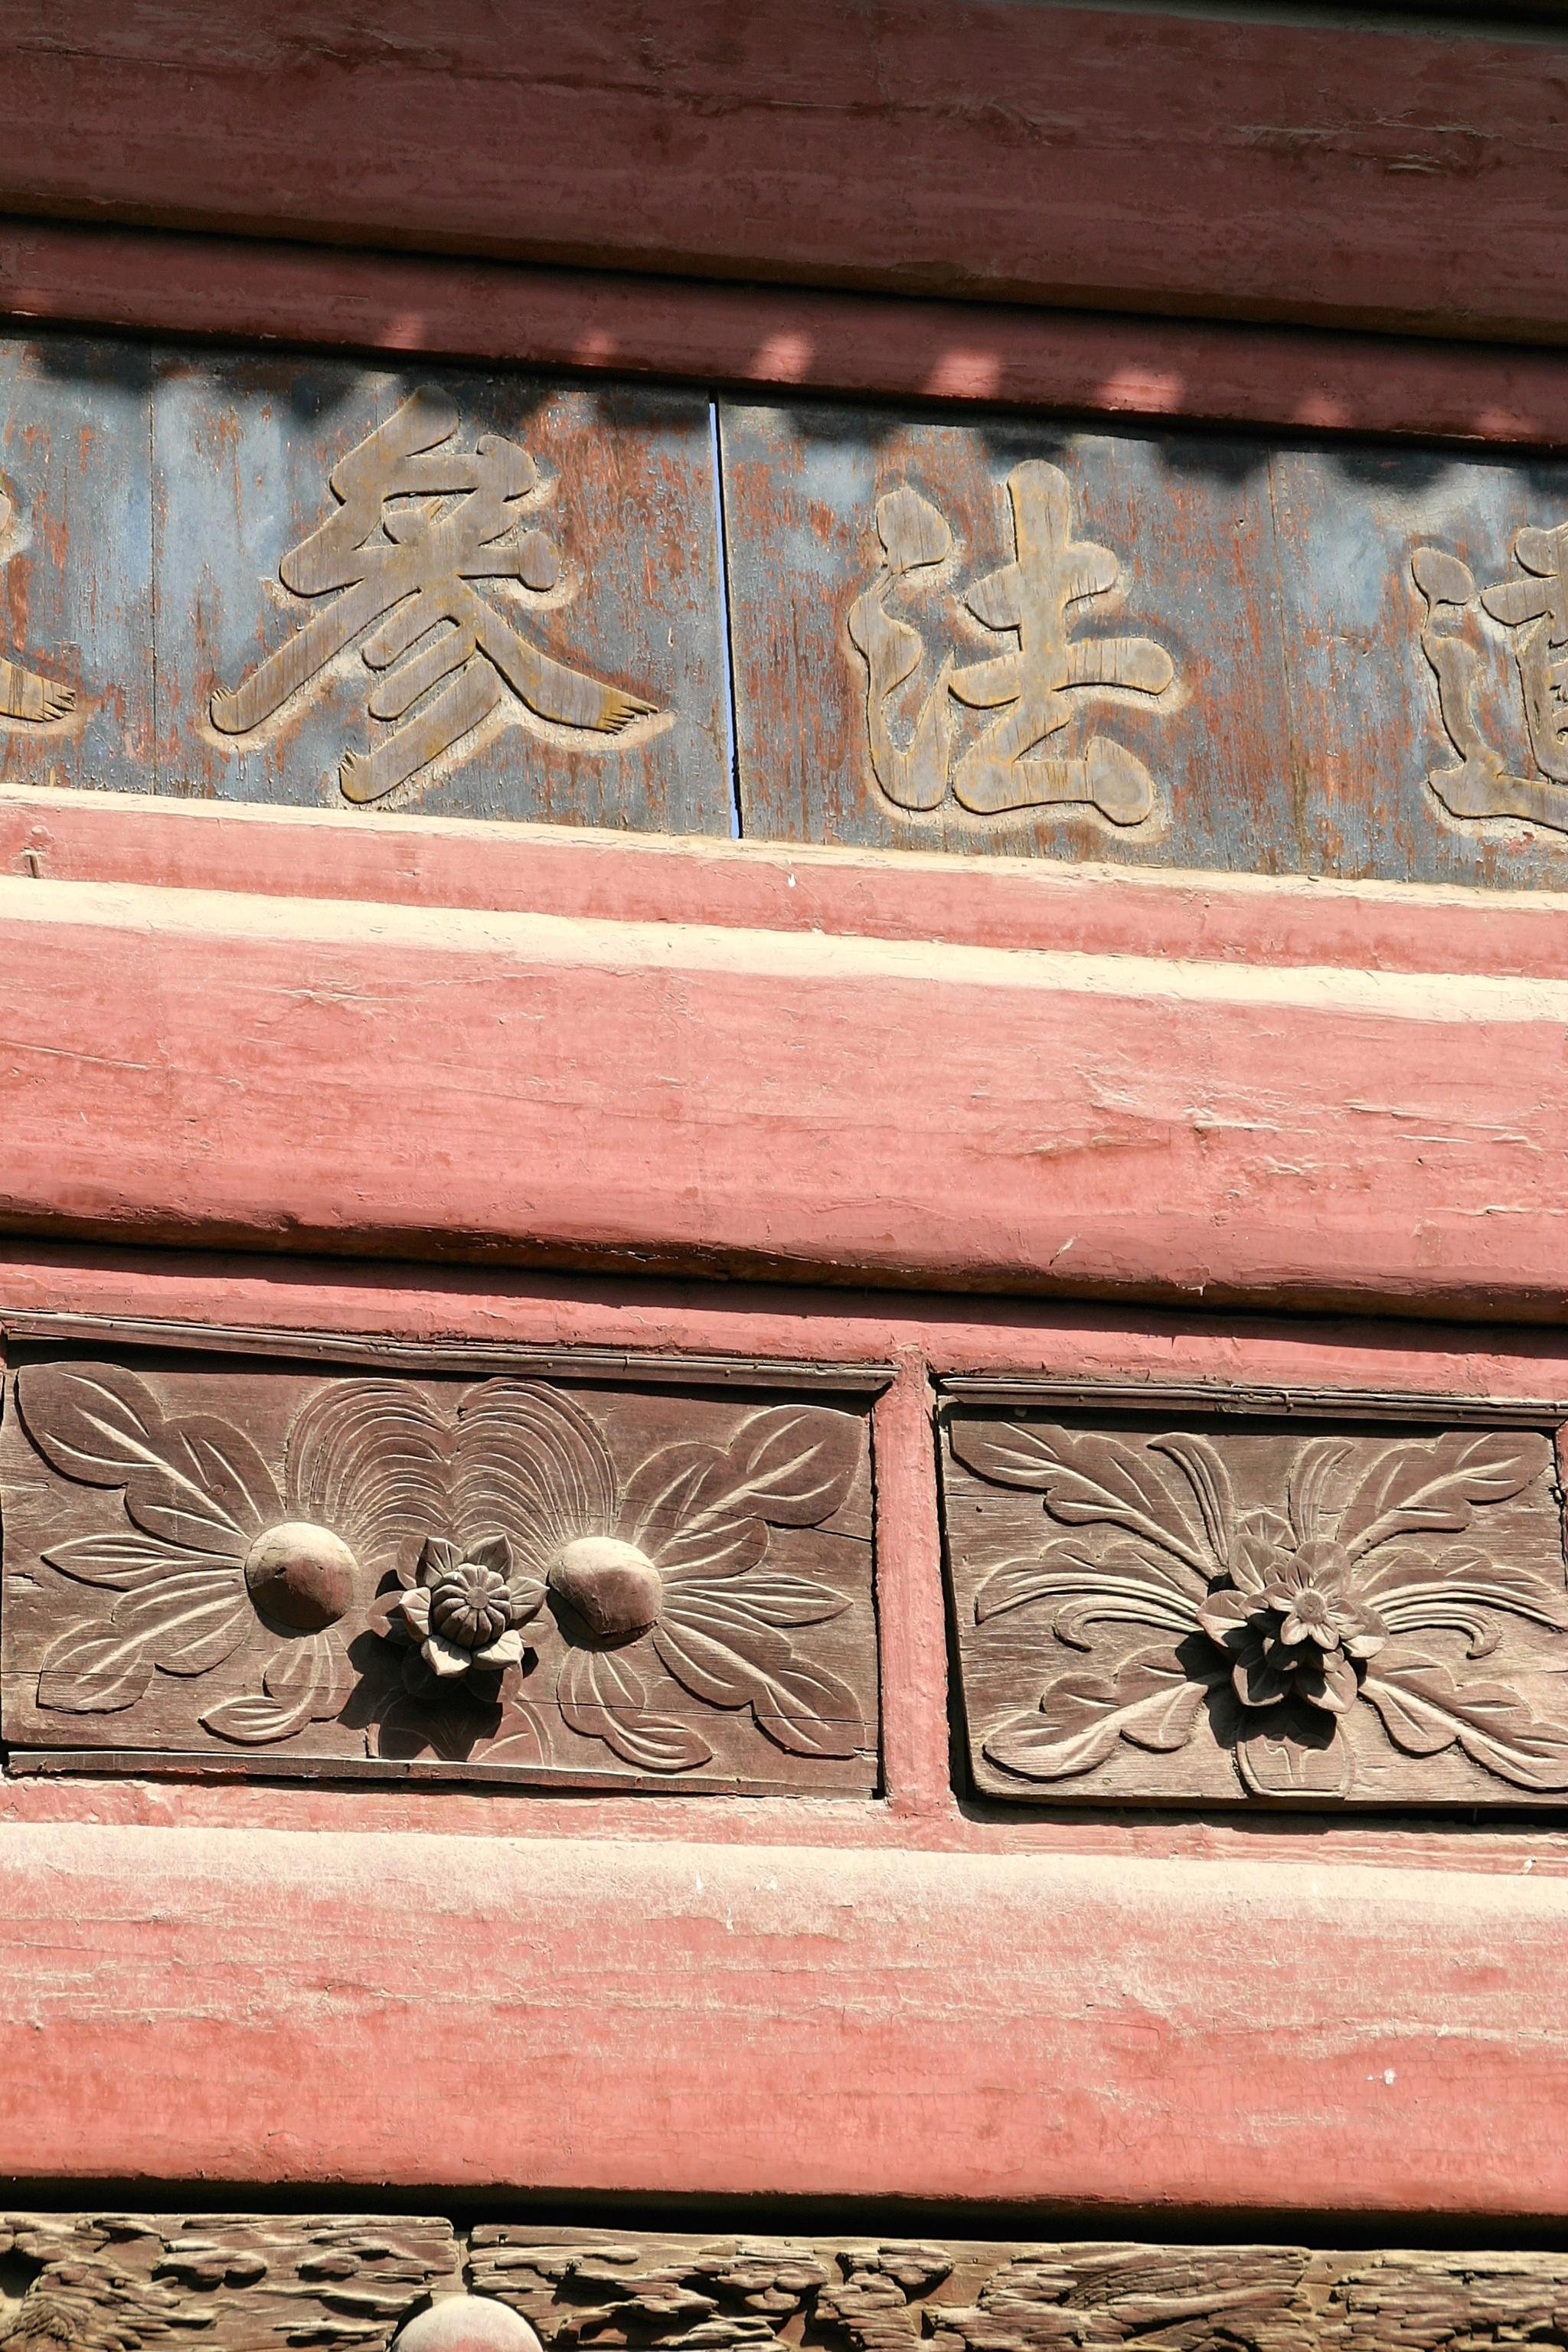 Kostenlose foto : Holz, Antiquität, Fenster, alt, rot, Möbel ...